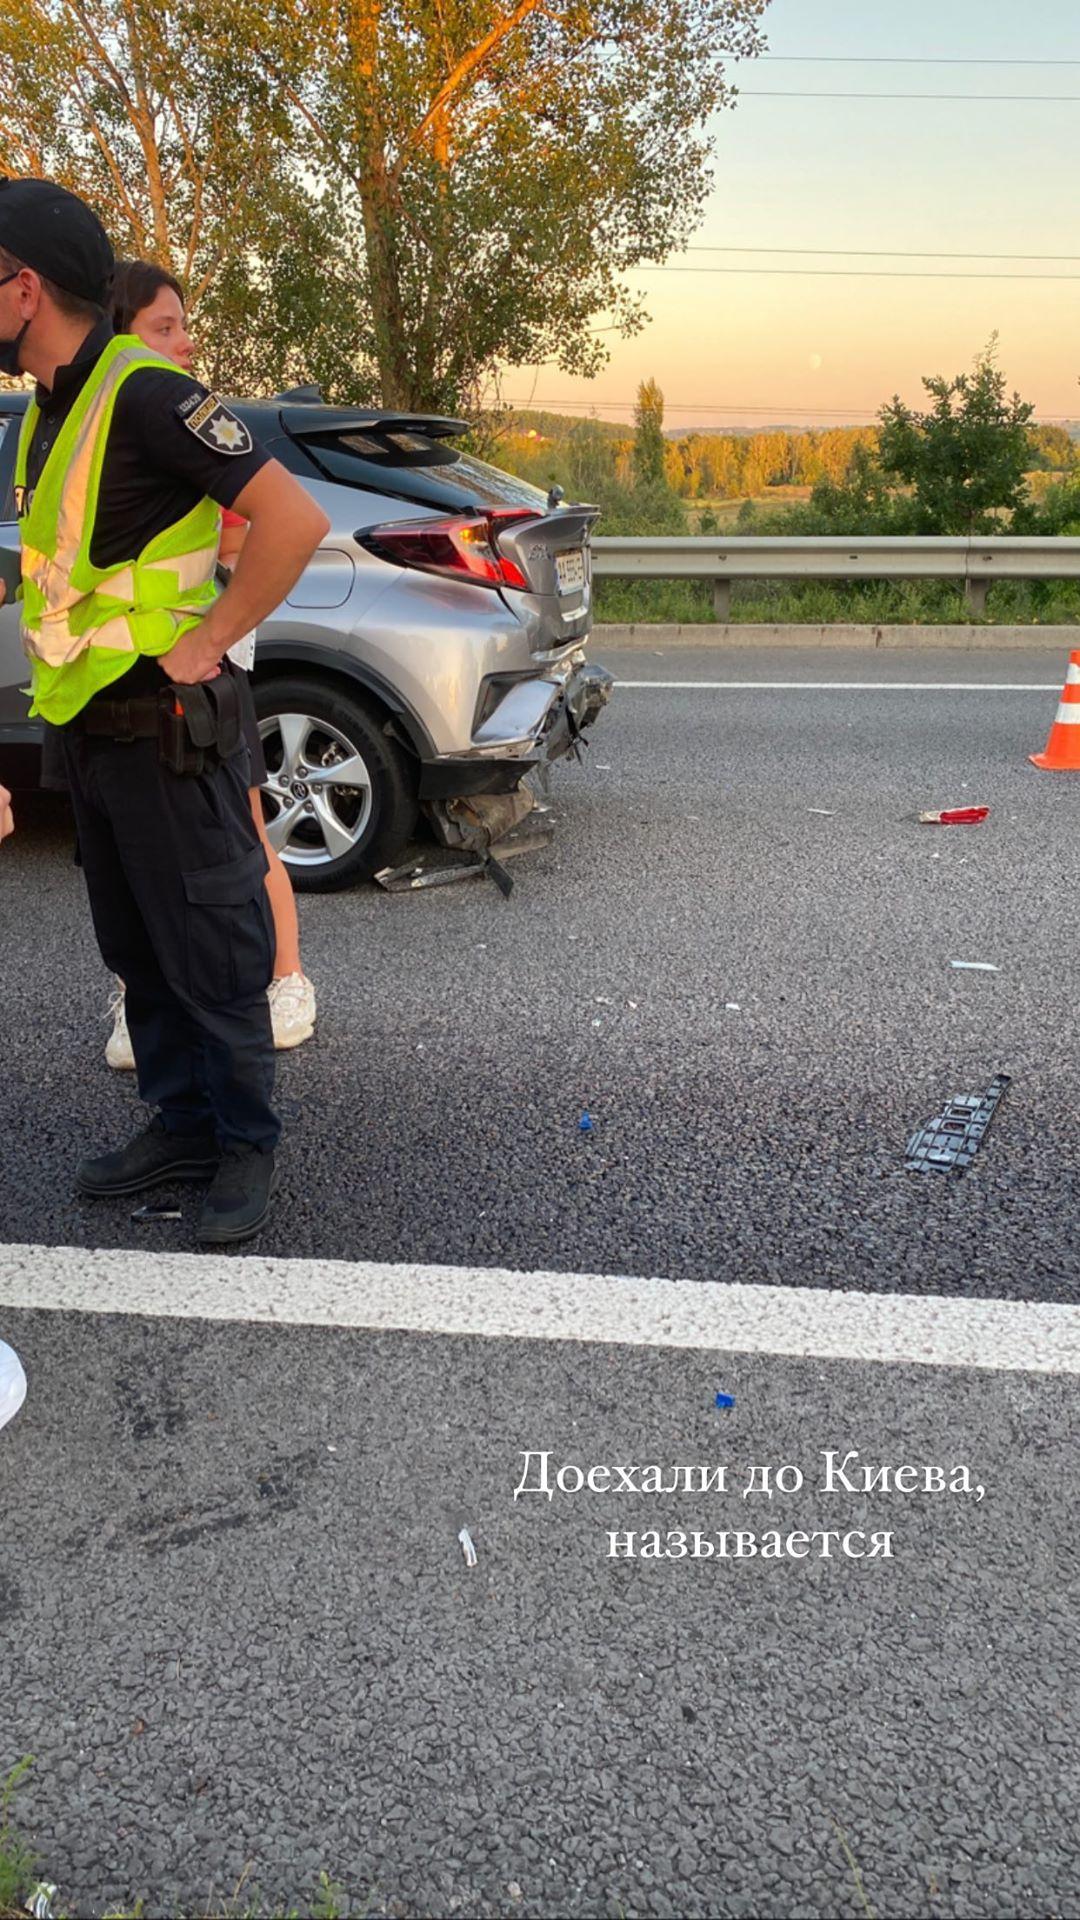 Никита Добрынин и Даша Квиткова попали в серьезное ДТП под Киевом (фото)